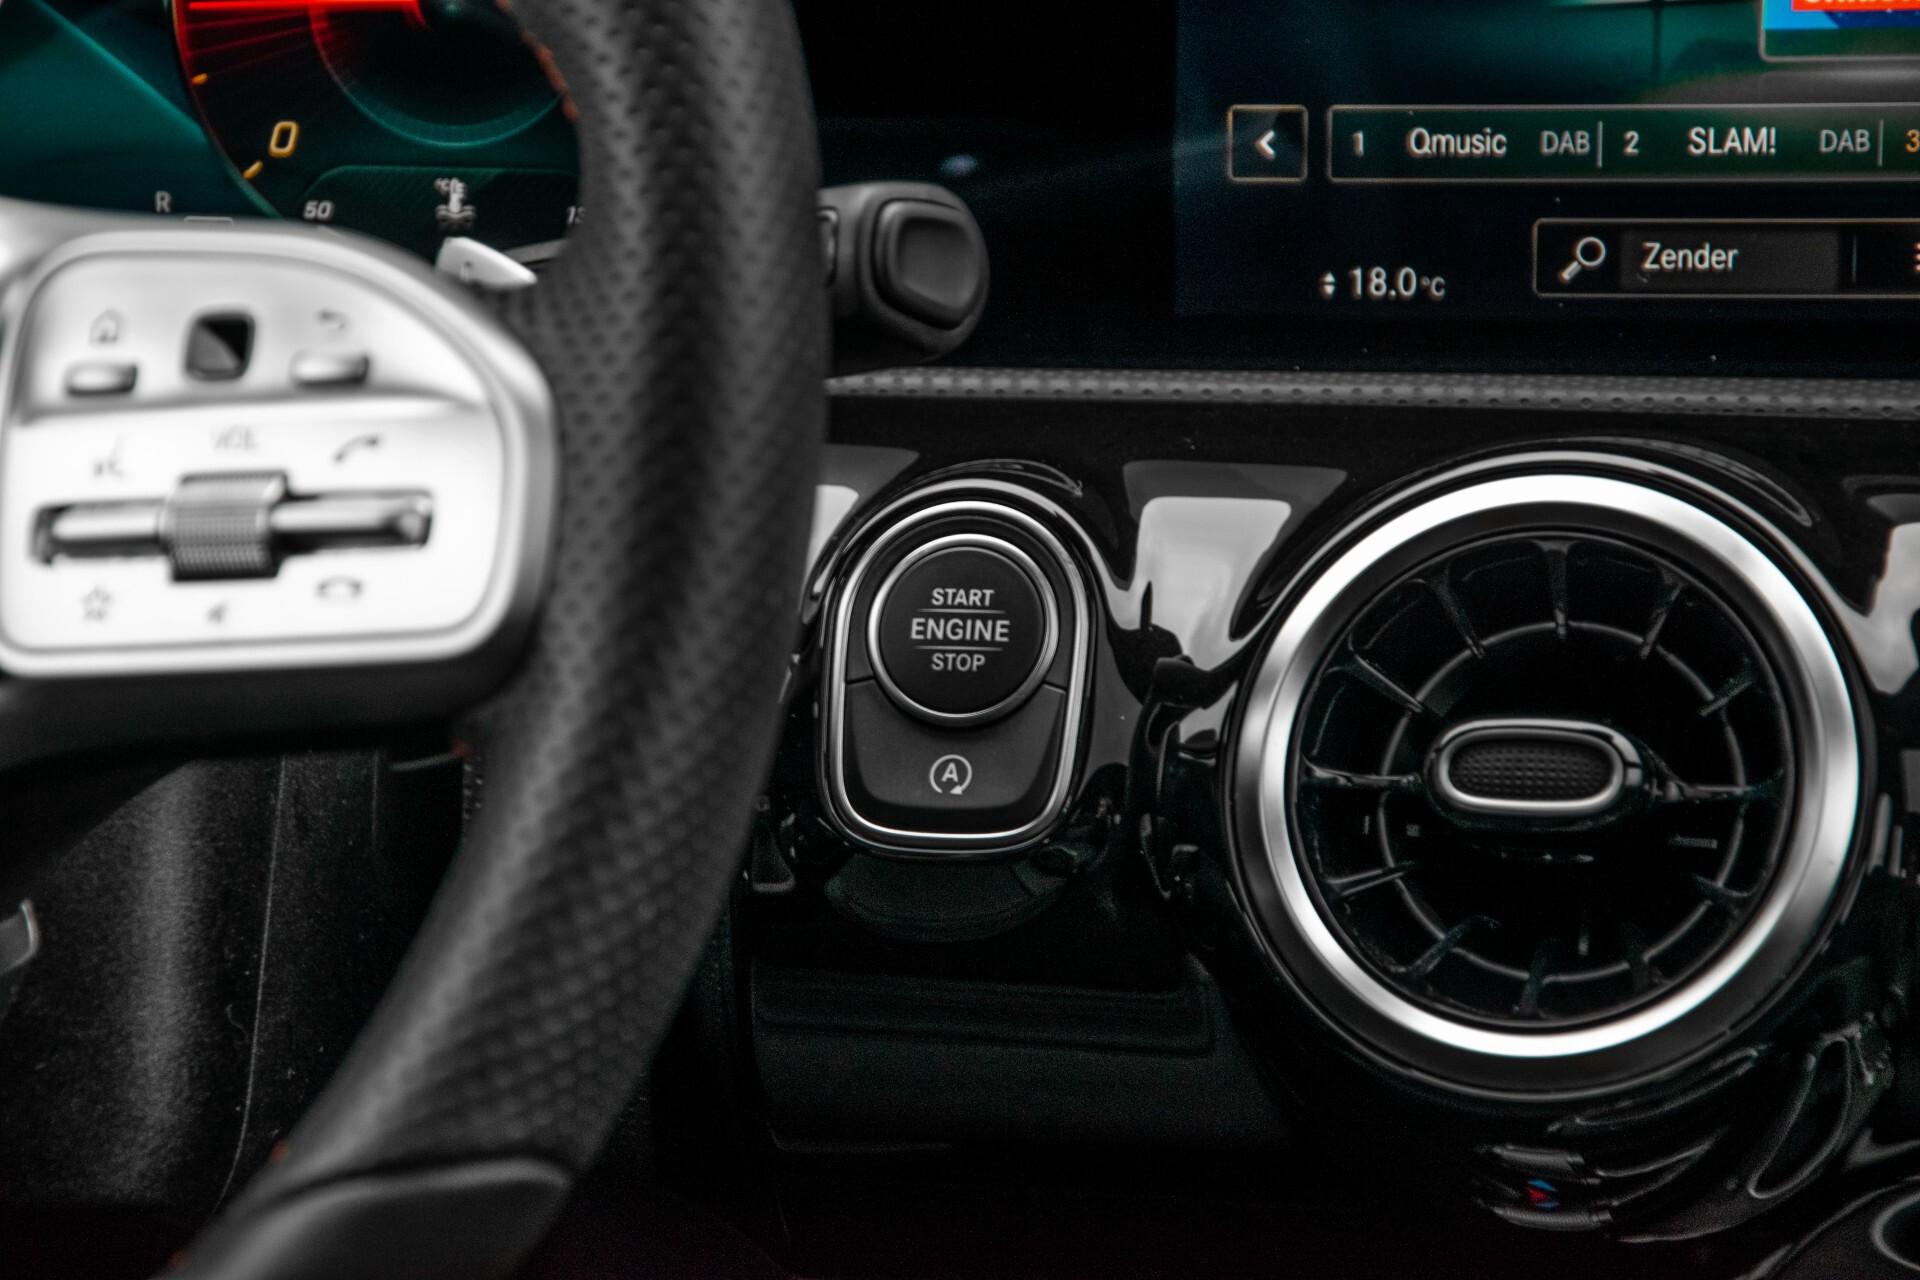 Mercedes-Benz A-Klasse 180 d AMG Panorama/MBUX/DAB/LED Aut7 Foto 40